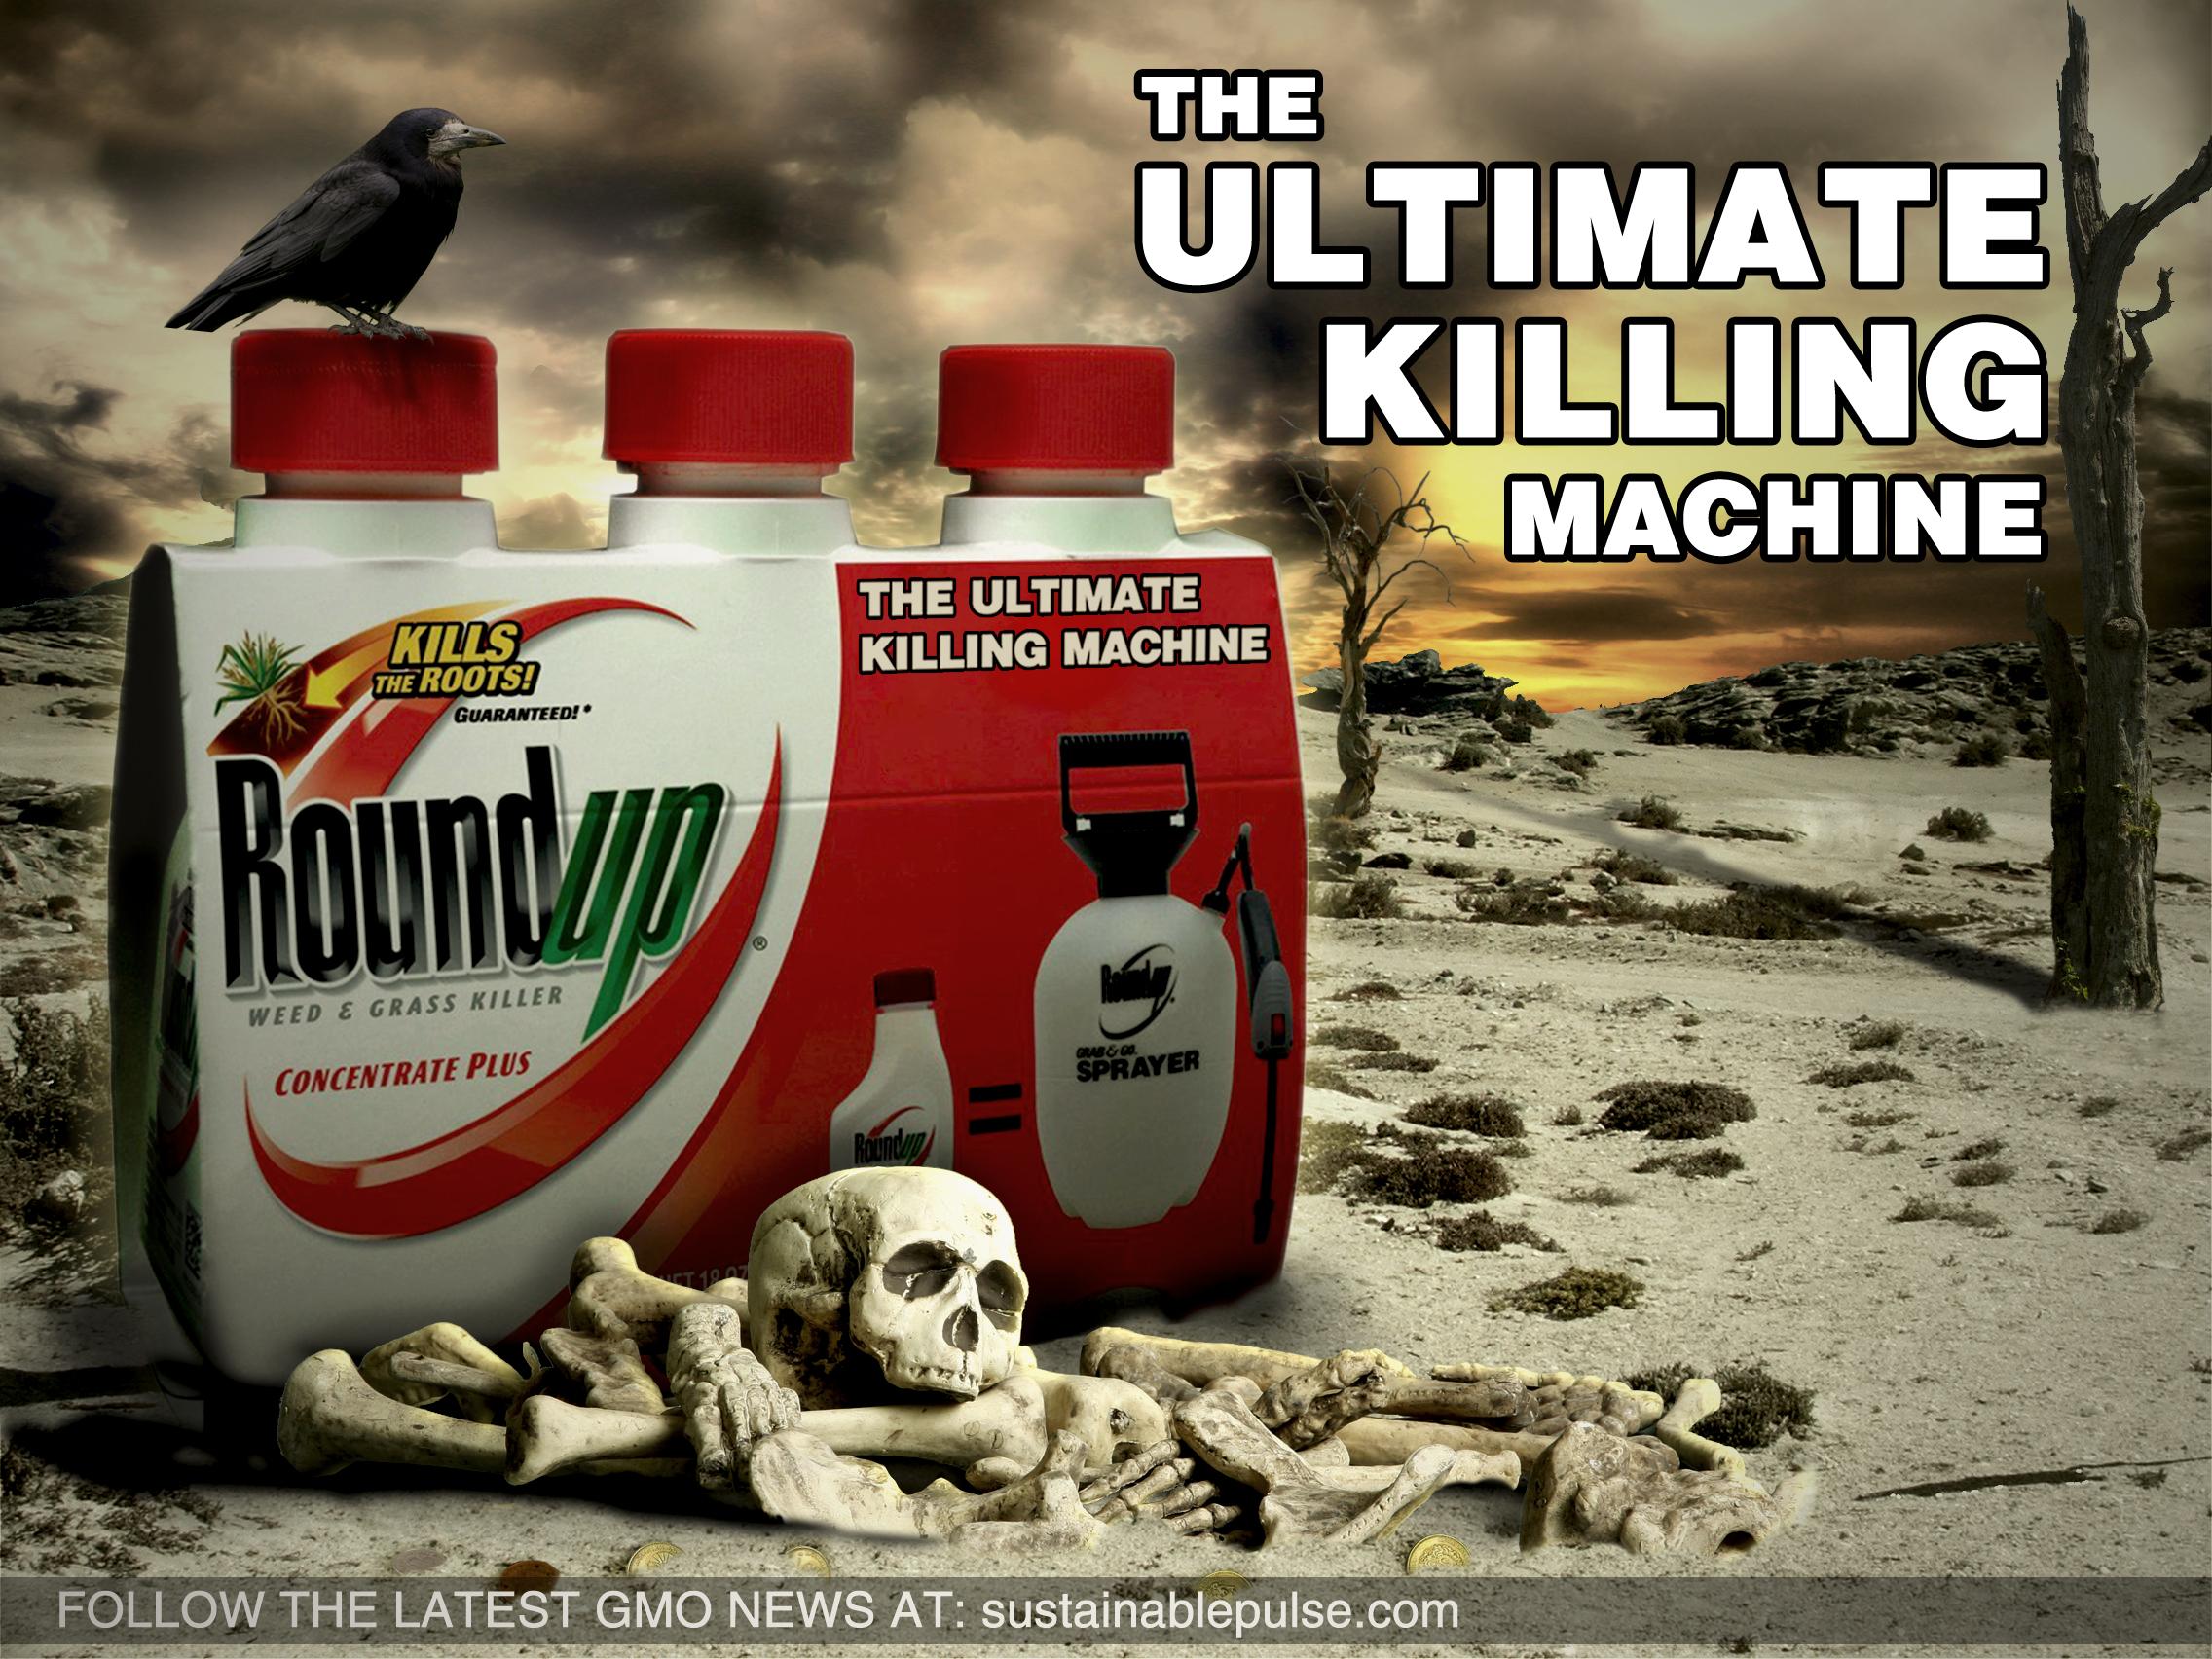 Les Etats disent non au  roundup : cuisante défaite pour Monsanto et Bruxelles qui veut passer outre !